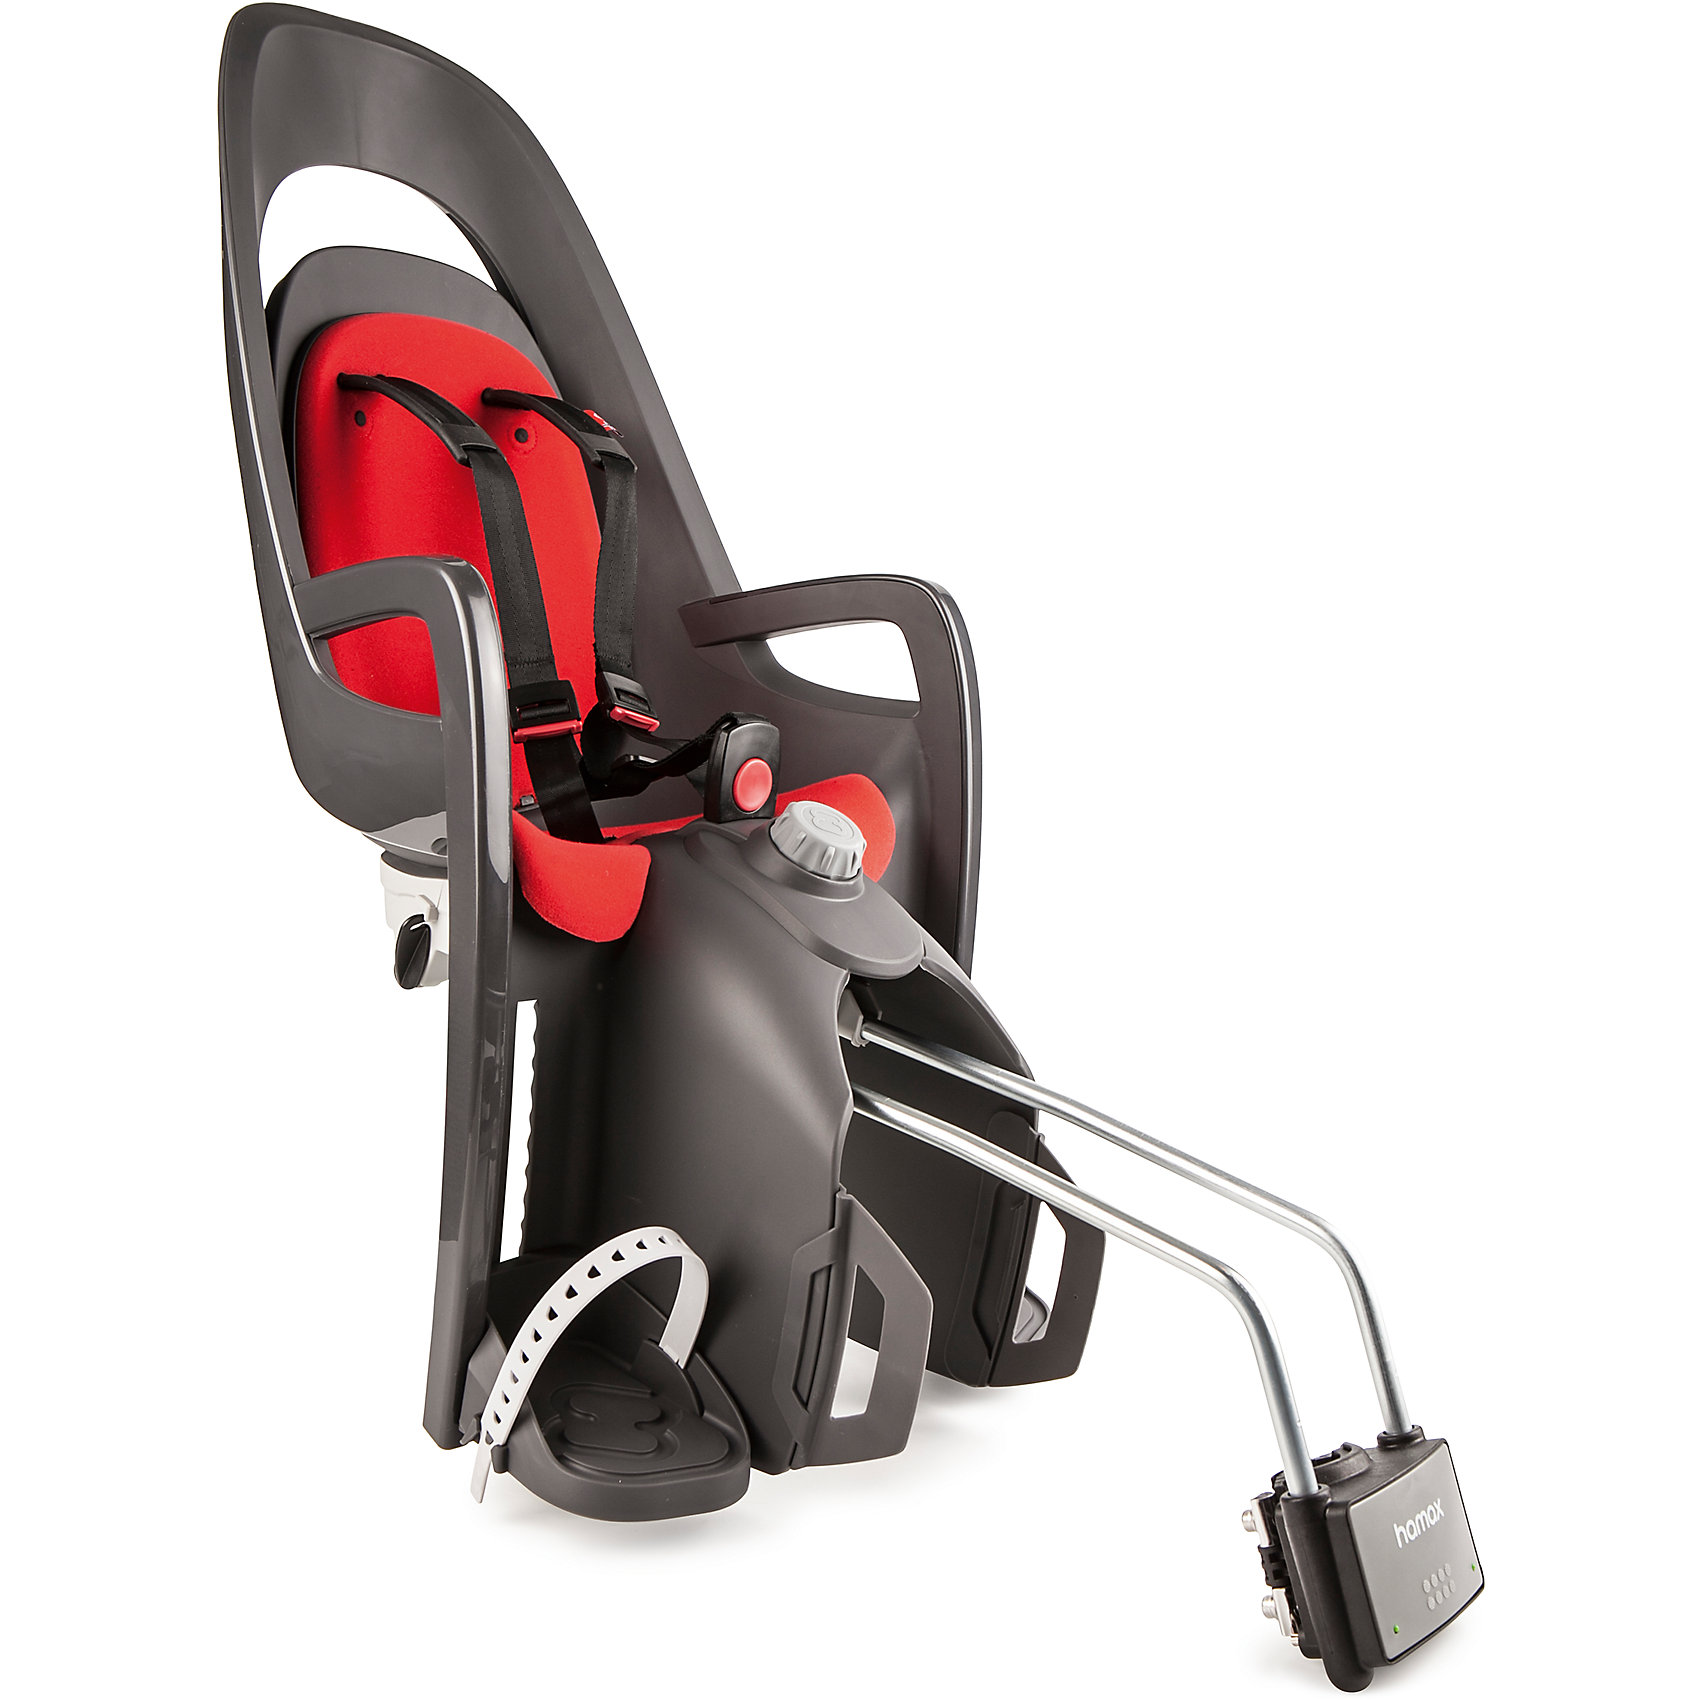 Детское велокресло Caress W/lockable Bracket, Hamax, серый/красныйАксеcсуары для велосипедов<br>Характеристики товара:<br><br>• цвет: серый, красный<br>• спинка настраивается по высоте <br>• наклон изменяется в положение сон на 20? <br>• мягкая внутренняя обивка <br>• новая система подножек регулируется одной рукой <br>• новая система ремней безопасности с плечевыми подушечками <br>для облегчения подгонки и большего комфорта <br>• задние светоотражатели для большей безопасности на дорогах <br>• возможность монтажа на велосипед у которого нет багажника <br>• максимальная нагрузка 22 кг. Перевозка детей младше 9 месяцев не рекомендуется. <br>• надёжность и простота подгонки <br>• запирающийся крепёжный кронштейн <br>• страна бренда: Польша<br>• размер: 38,1 x 95 x 29,6 см. <br>• вес: 4,6 кг.<br><br>В модели Caress всё по высшему разряду, и внешний вид, и уровень комфорта. <br><br>Элегантные и современные линии, двусторонний и двухцветный каркас, внутренняя обивка - все эти элементы придают дизайну сиденья особую завершённость.<br><br>Детское велокресло Caress W/lockable Bracket, Hamax, серый/красный можно купить в нашем интернет-магазине.<br><br>Ширина мм: 365<br>Глубина мм: 940<br>Высота мм: 280<br>Вес г: 5000<br>Возраст от месяцев: 9<br>Возраст до месяцев: 48<br>Пол: Унисекс<br>Возраст: Детский<br>SKU: 5582623